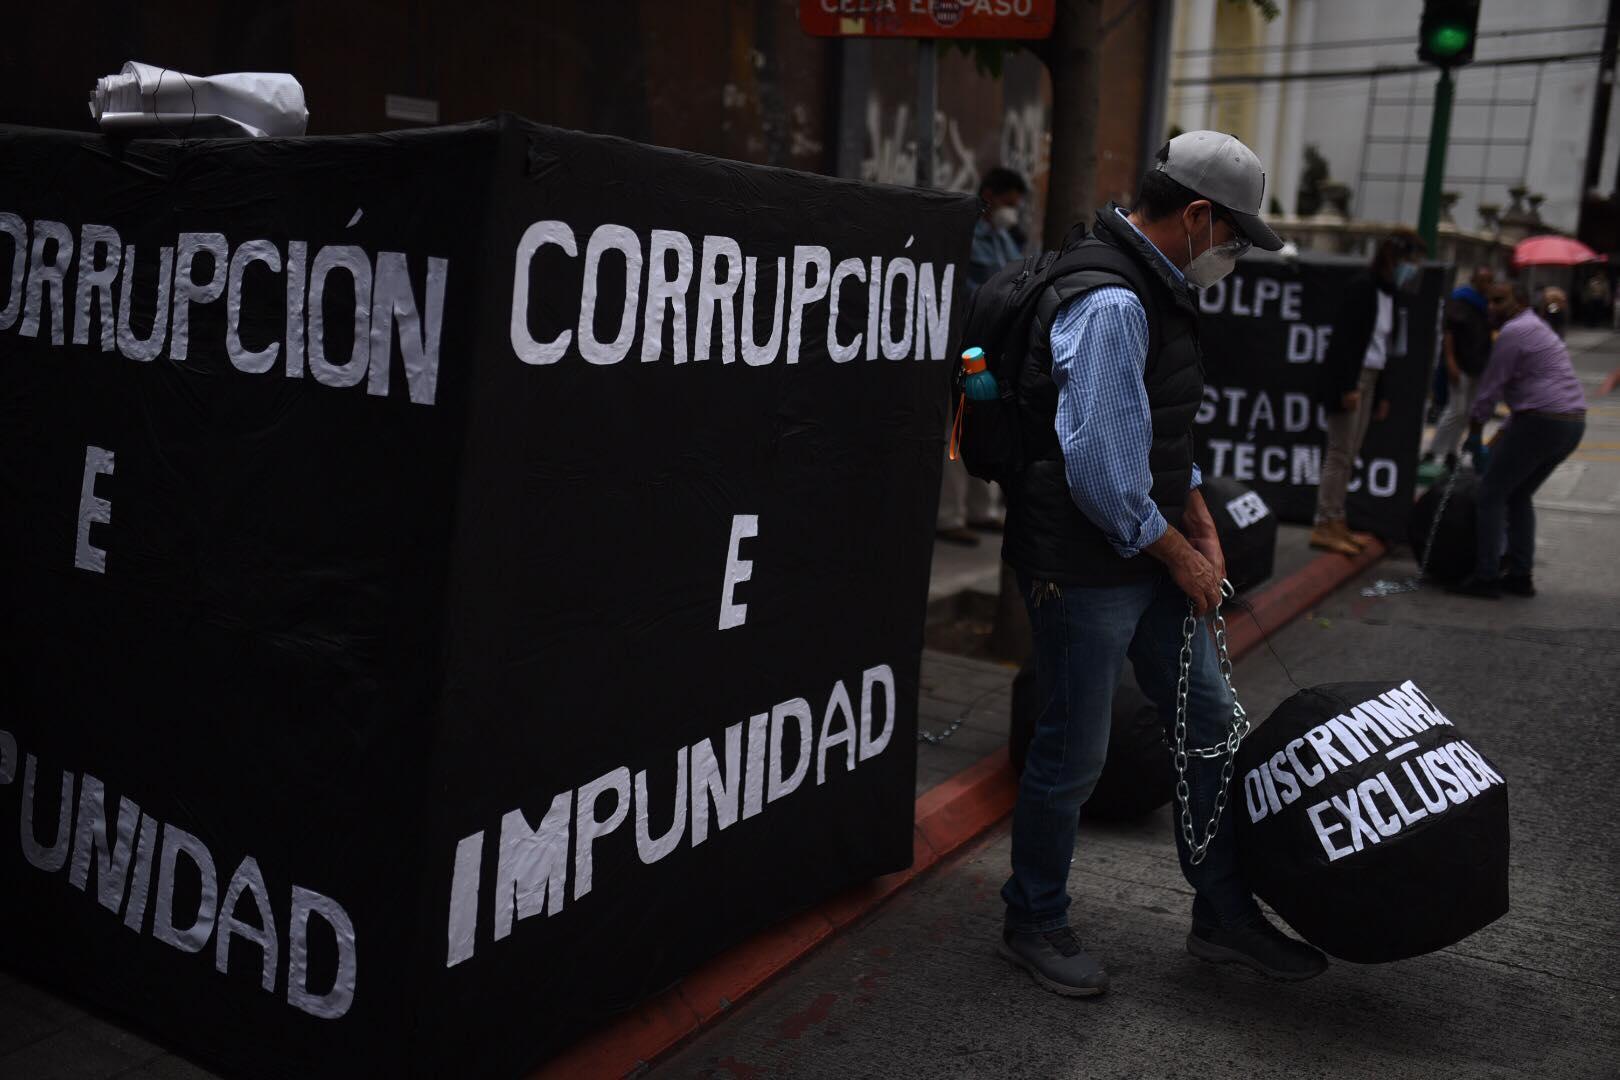 Lucha contra la corrupción e impunidad.